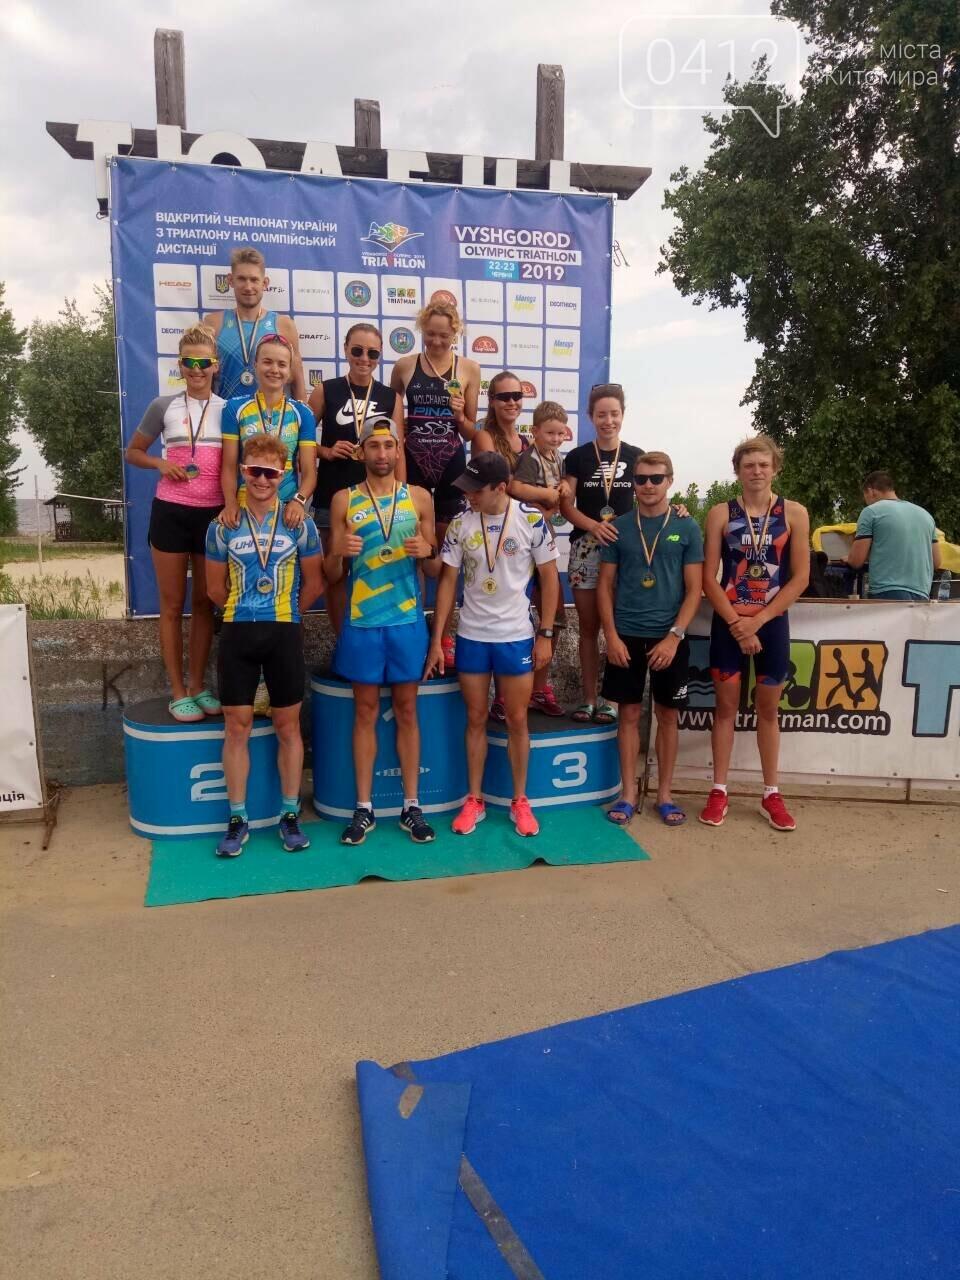 Житомирський студент отримав бронзу на чемпіонаті України з триатлону, фото-1